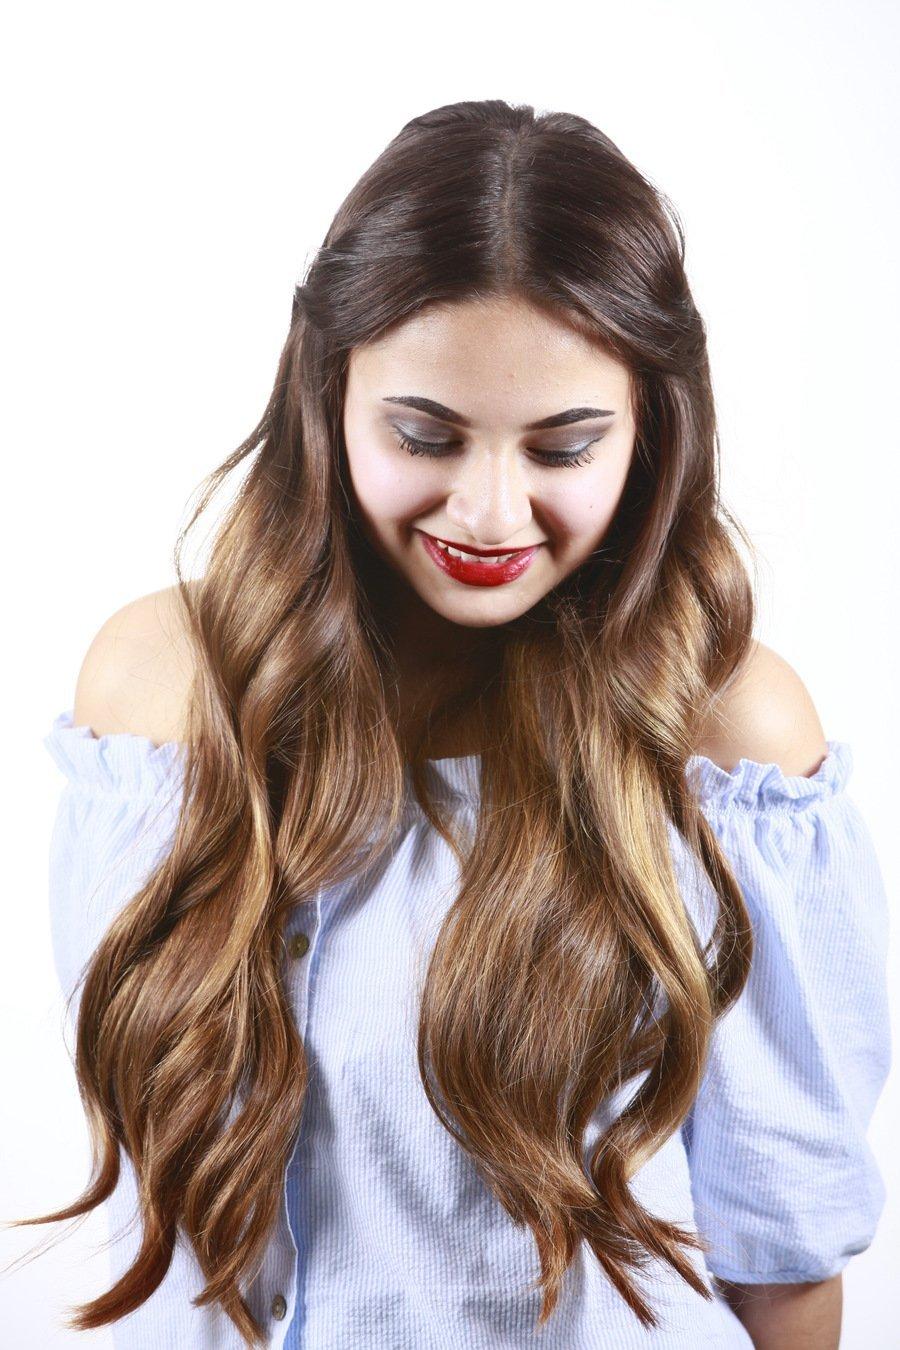 Mit einfachen Tricks lassen sich lange Haare zusätzlich aufpeppen und das Haar fällt nicht ungewollt ins Gesicht.